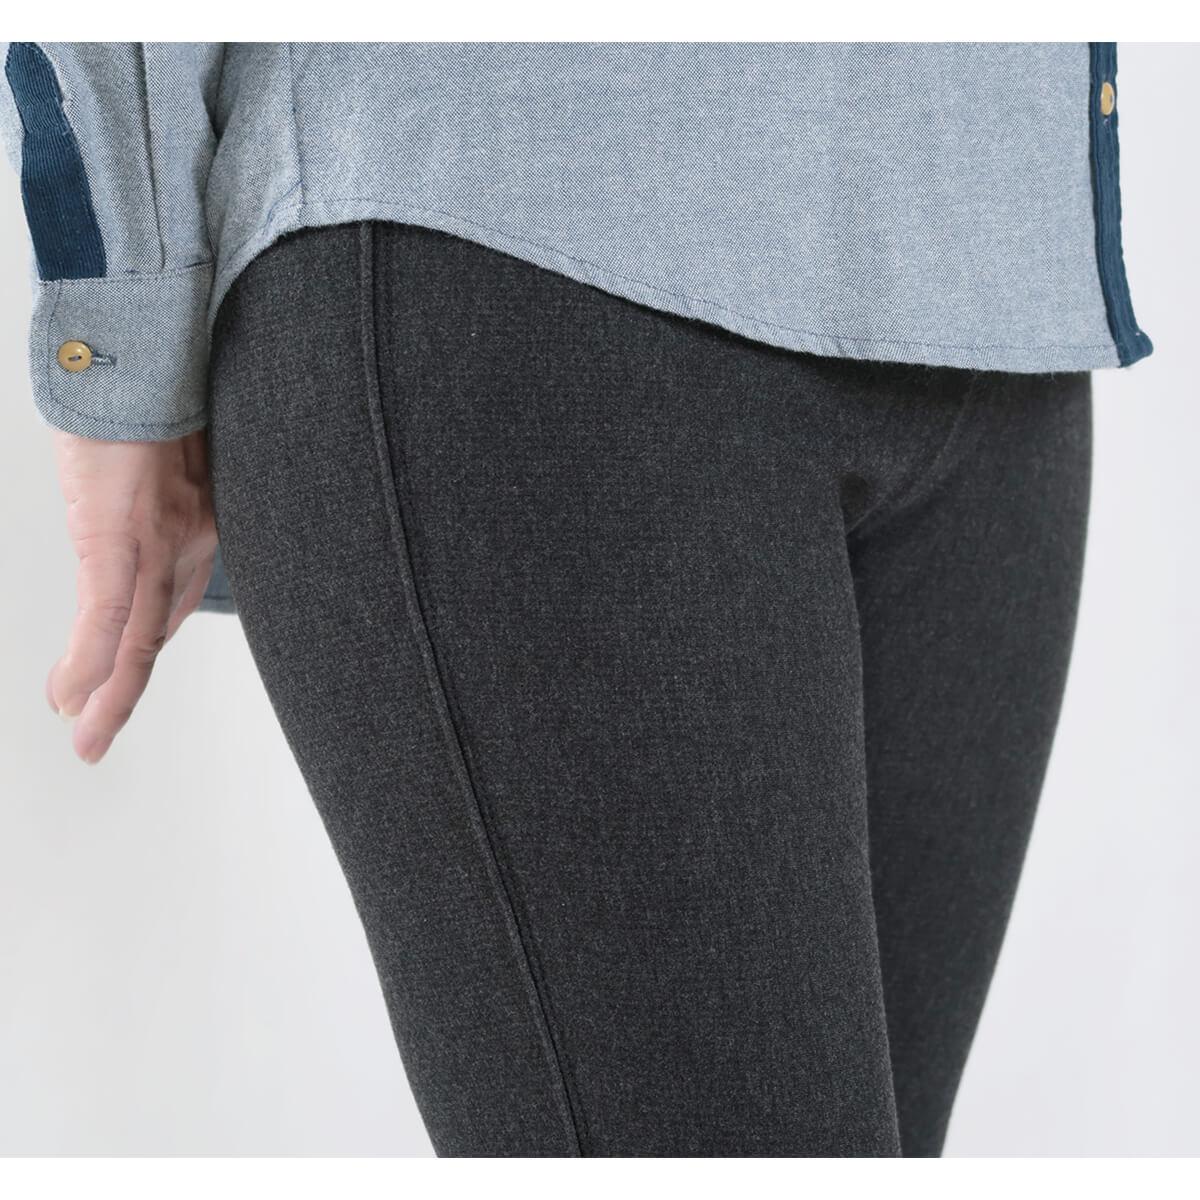 超保暖刷毛內搭褲 台灣製內搭褲 超彈力內搭褲 精絲保暖褲 修身顯瘦長褲 內裡刷毛 全腰圍配色寬版鬆緊帶 黑色長褲 MADE IN TAIWAN WARM PANTS FLEECE LINED LEGGINGS (012-6100-21)黑色、(012-6100-22)深灰色 腰圍M L XL(26~31英吋) 女 [實體店面保障] sun-e 5